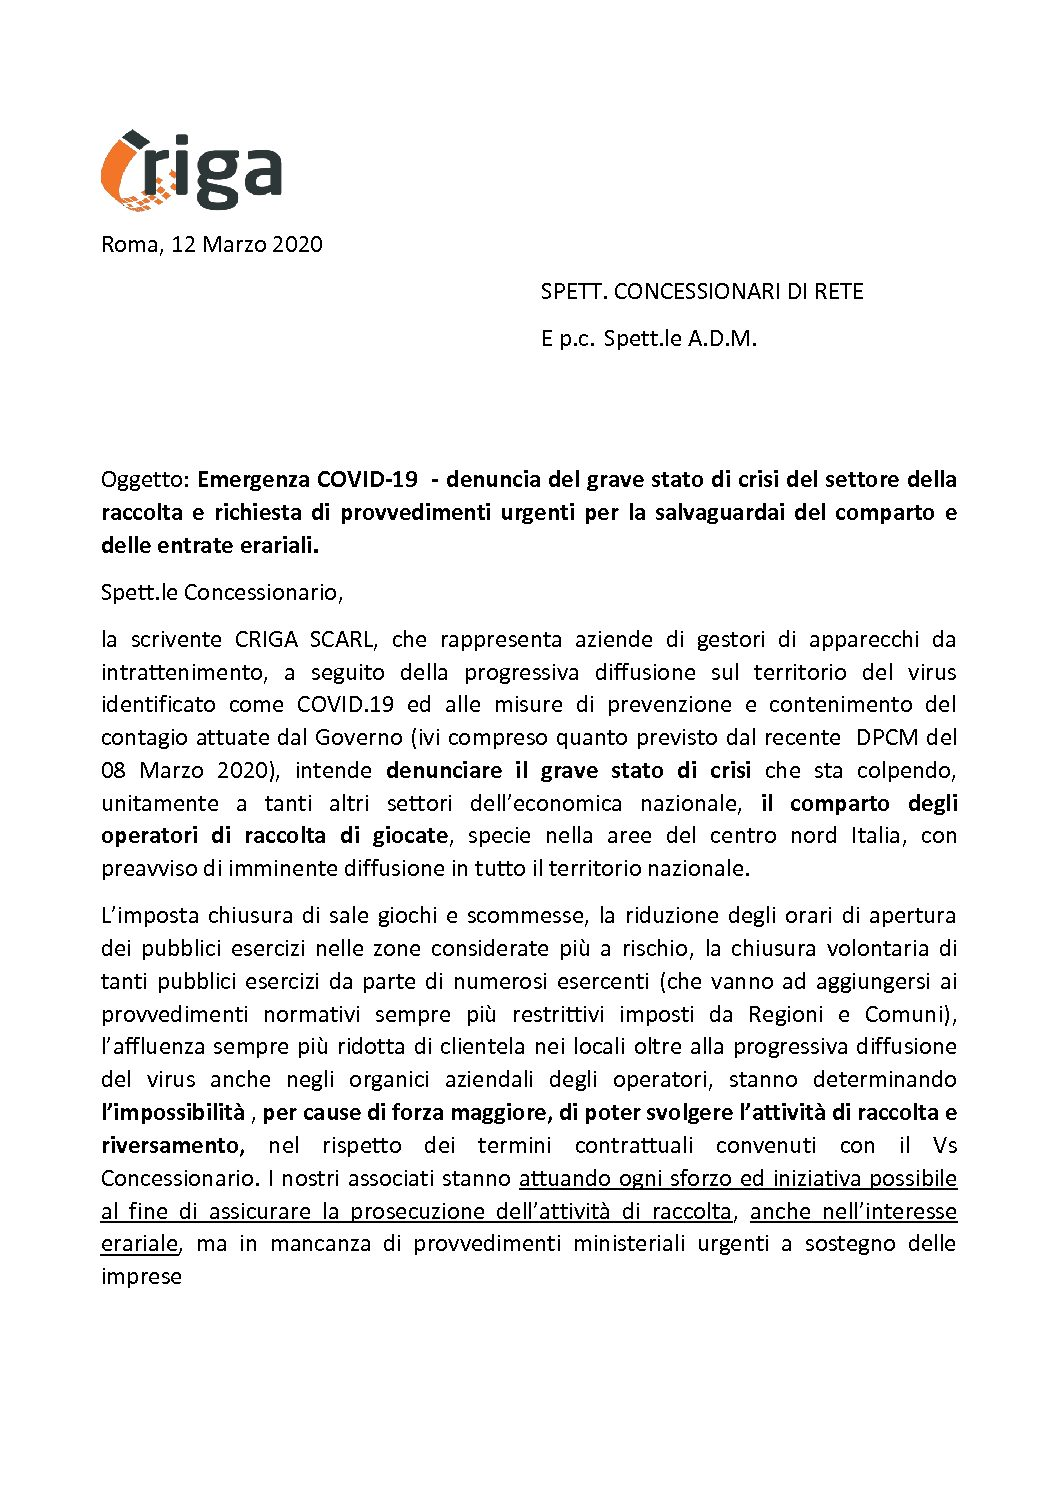 EMERGENZA COVID-19 STATO DI CRISI